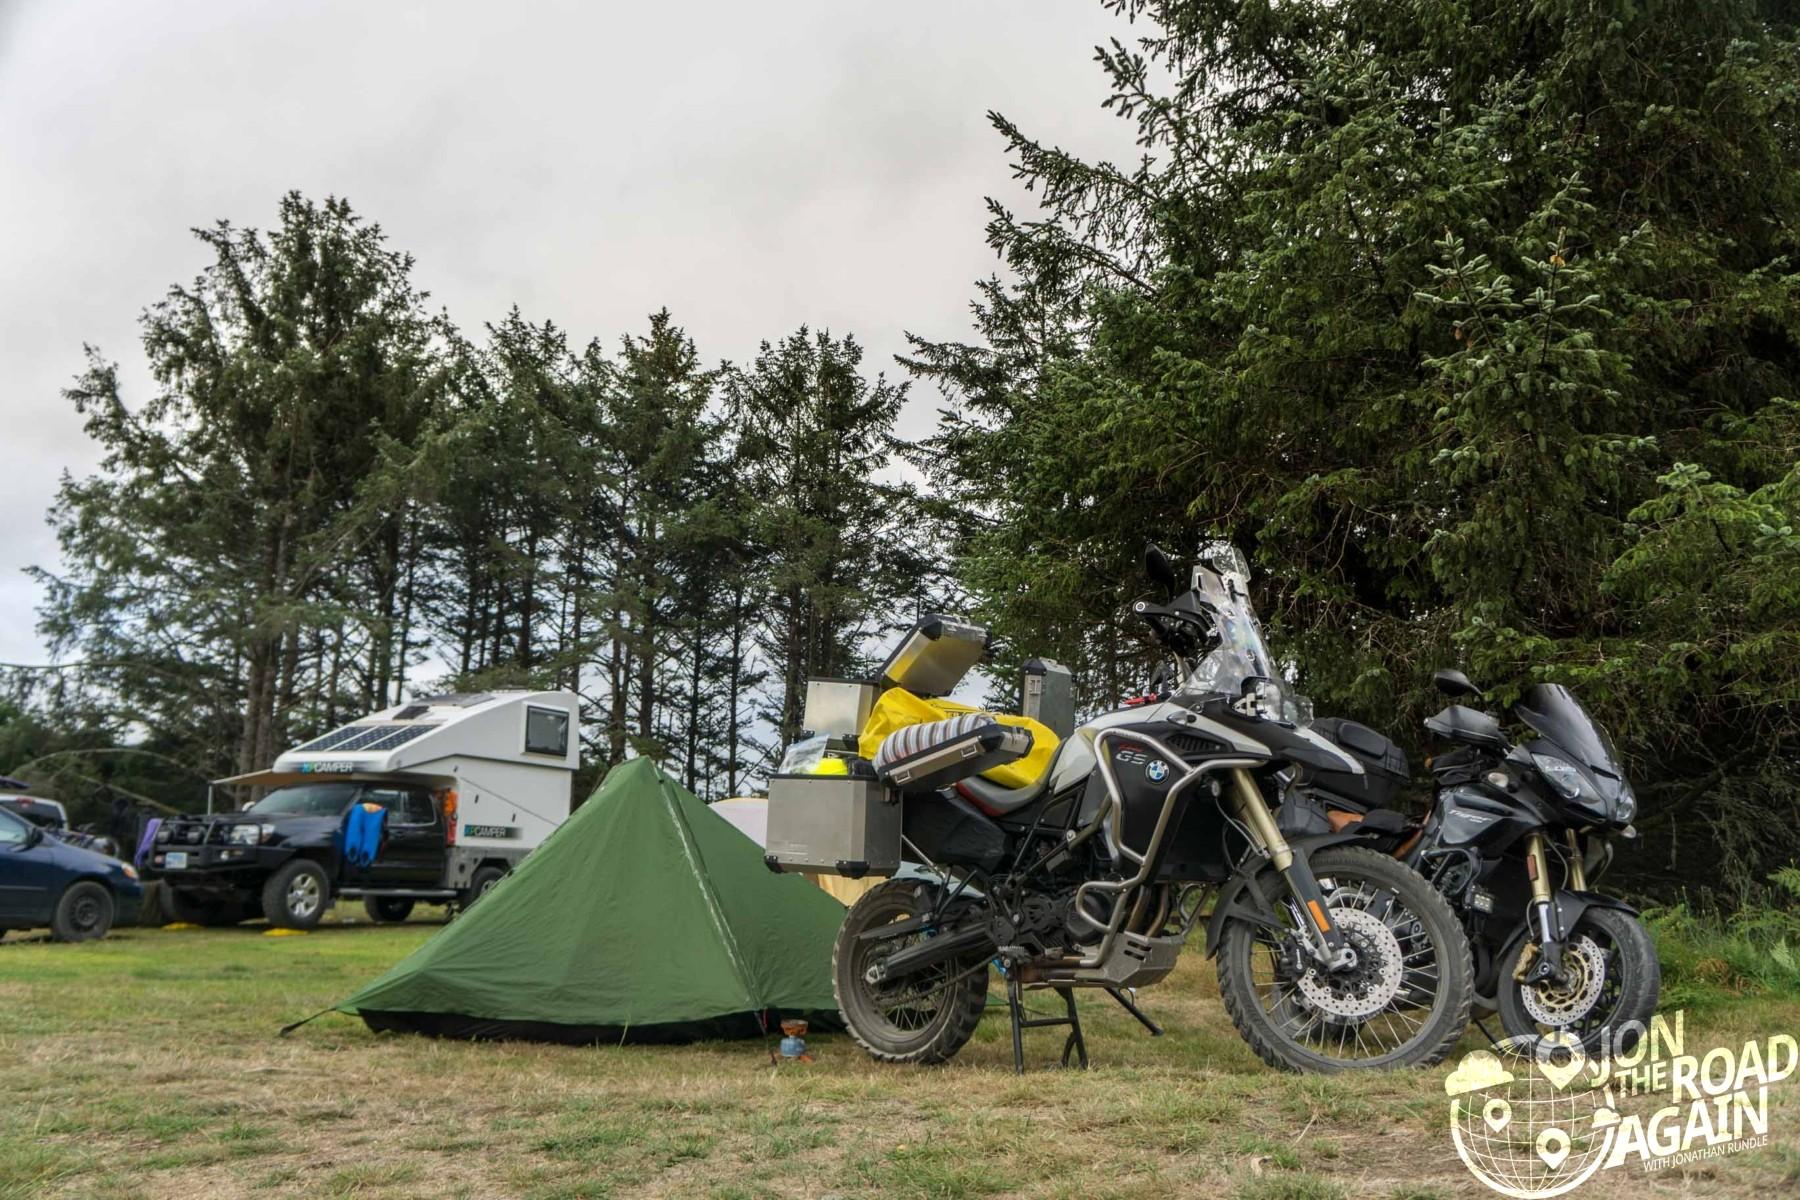 Hobuck beach camping